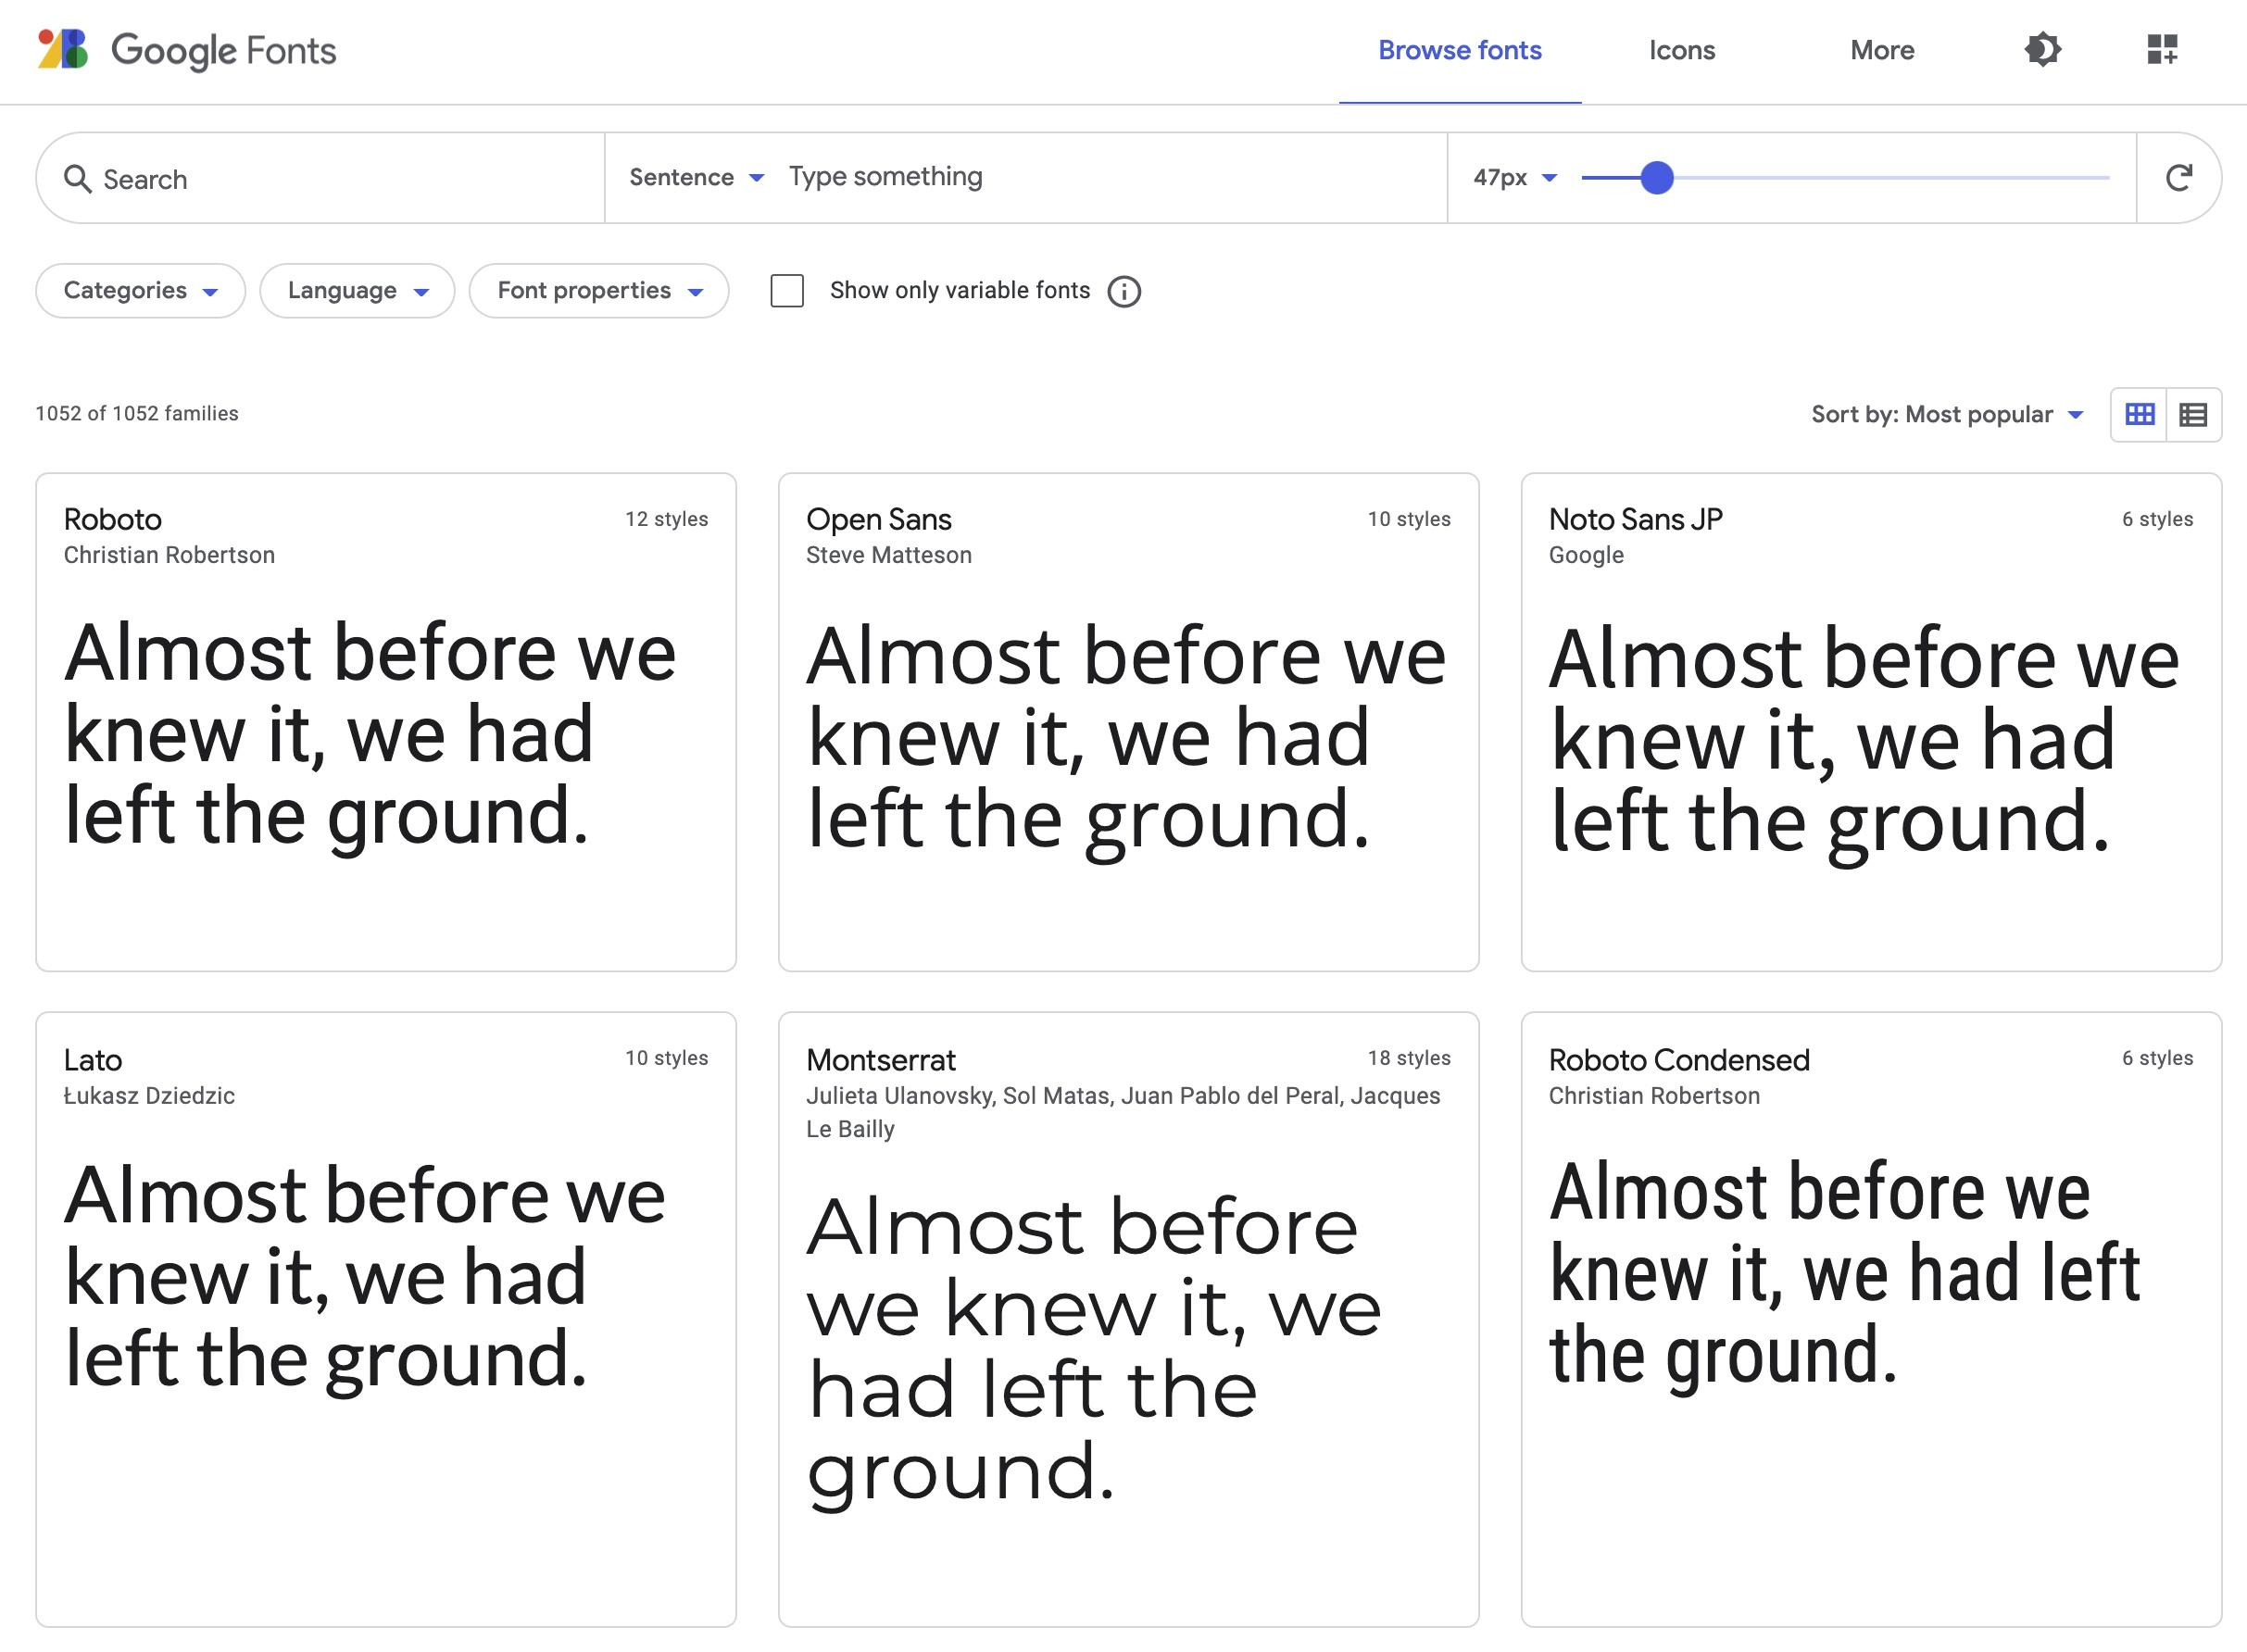 Zeigt die Google Fonts Webseite an. Auf der Seite sind Vorschauen von verschiedenen WebFonts sehen.